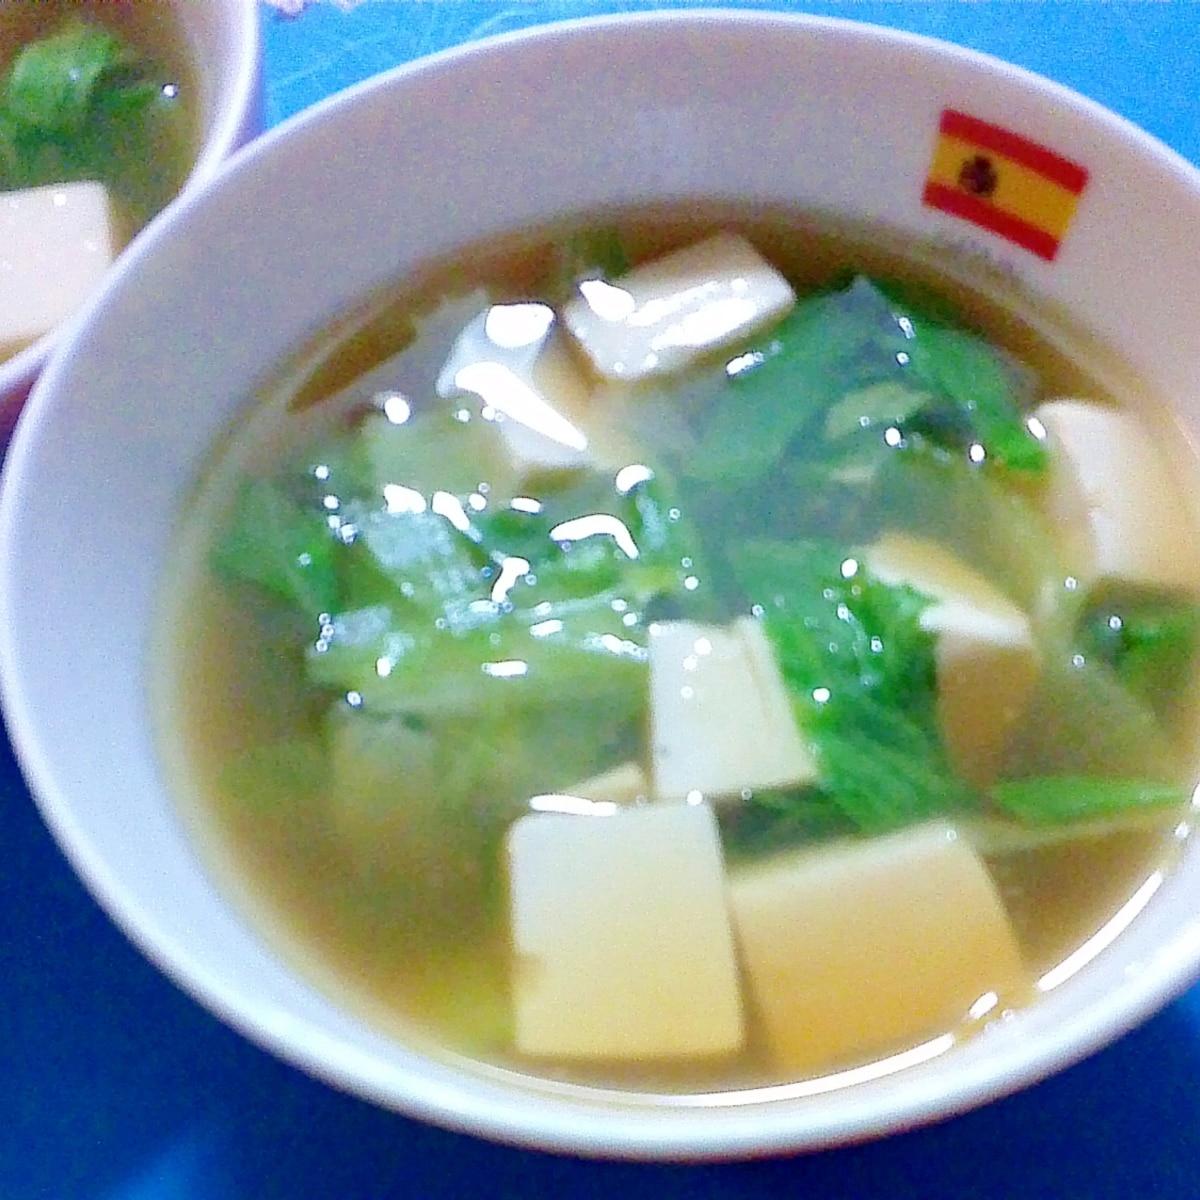 レタス スープ レシピ 人気